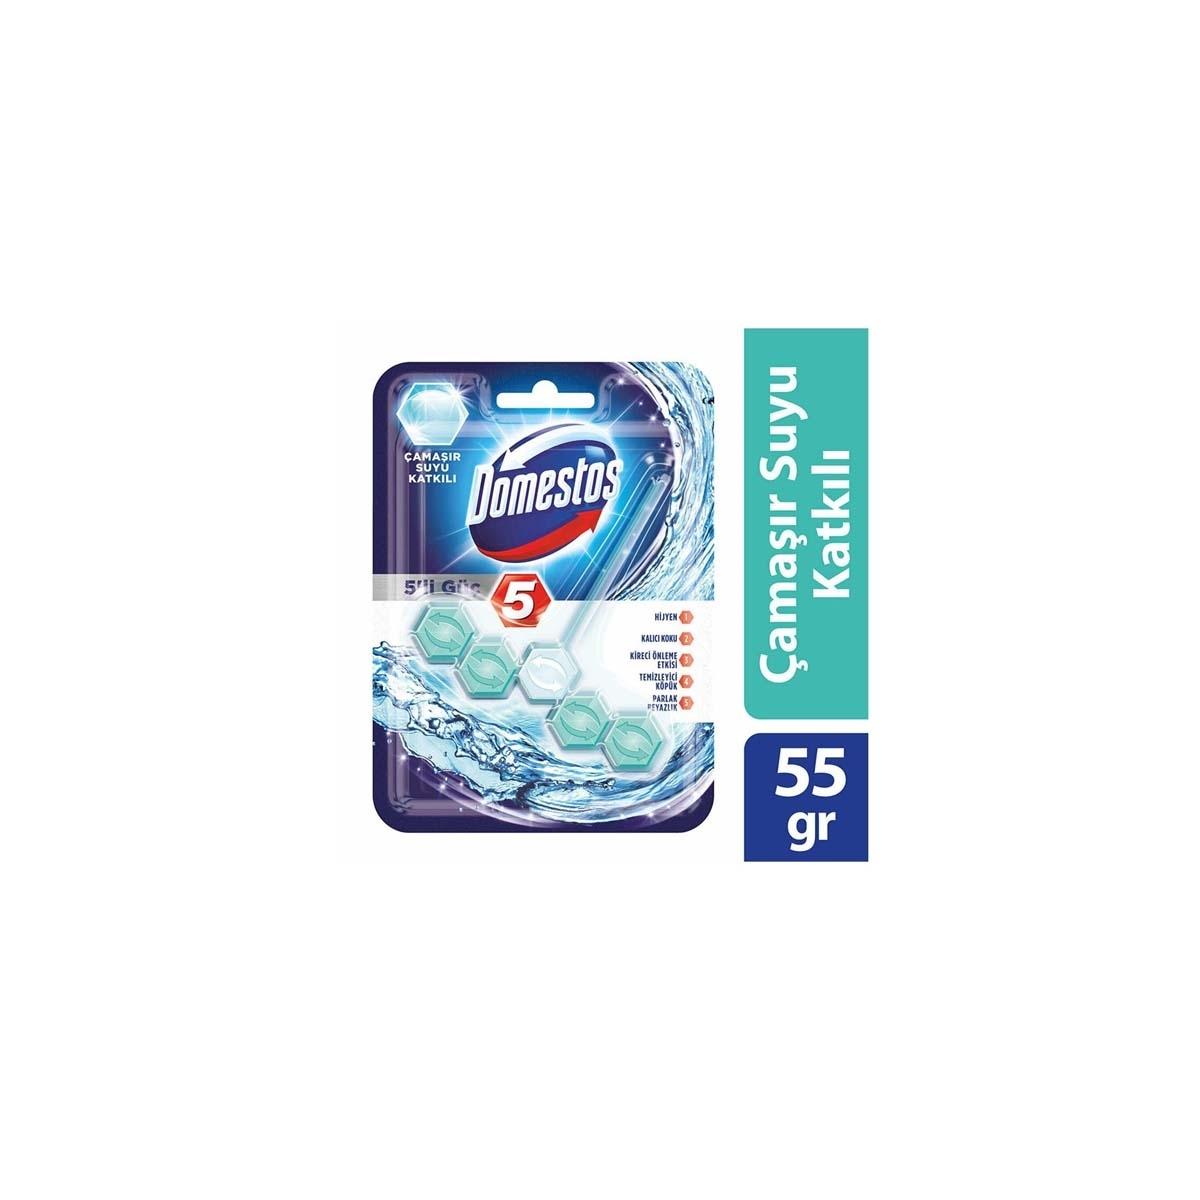 Domestos 5'li Güç Çamaşır Suyu Katkılı Tuvalet Blok 55 gr 9'lu Koli resmi